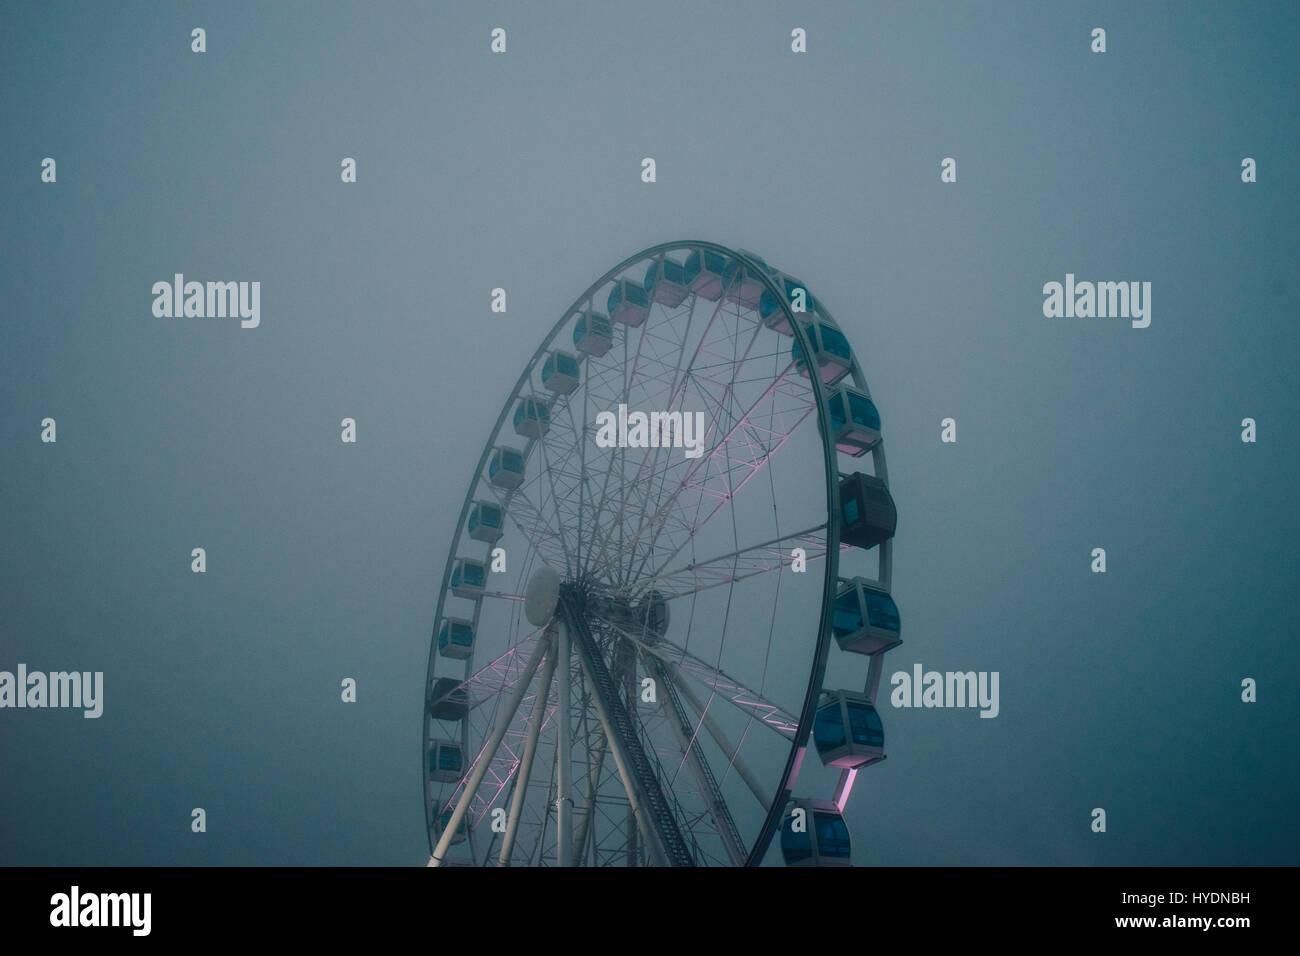 Mysterios inaktiv Riesenrad durch schwere Nebel Abend Stockbild